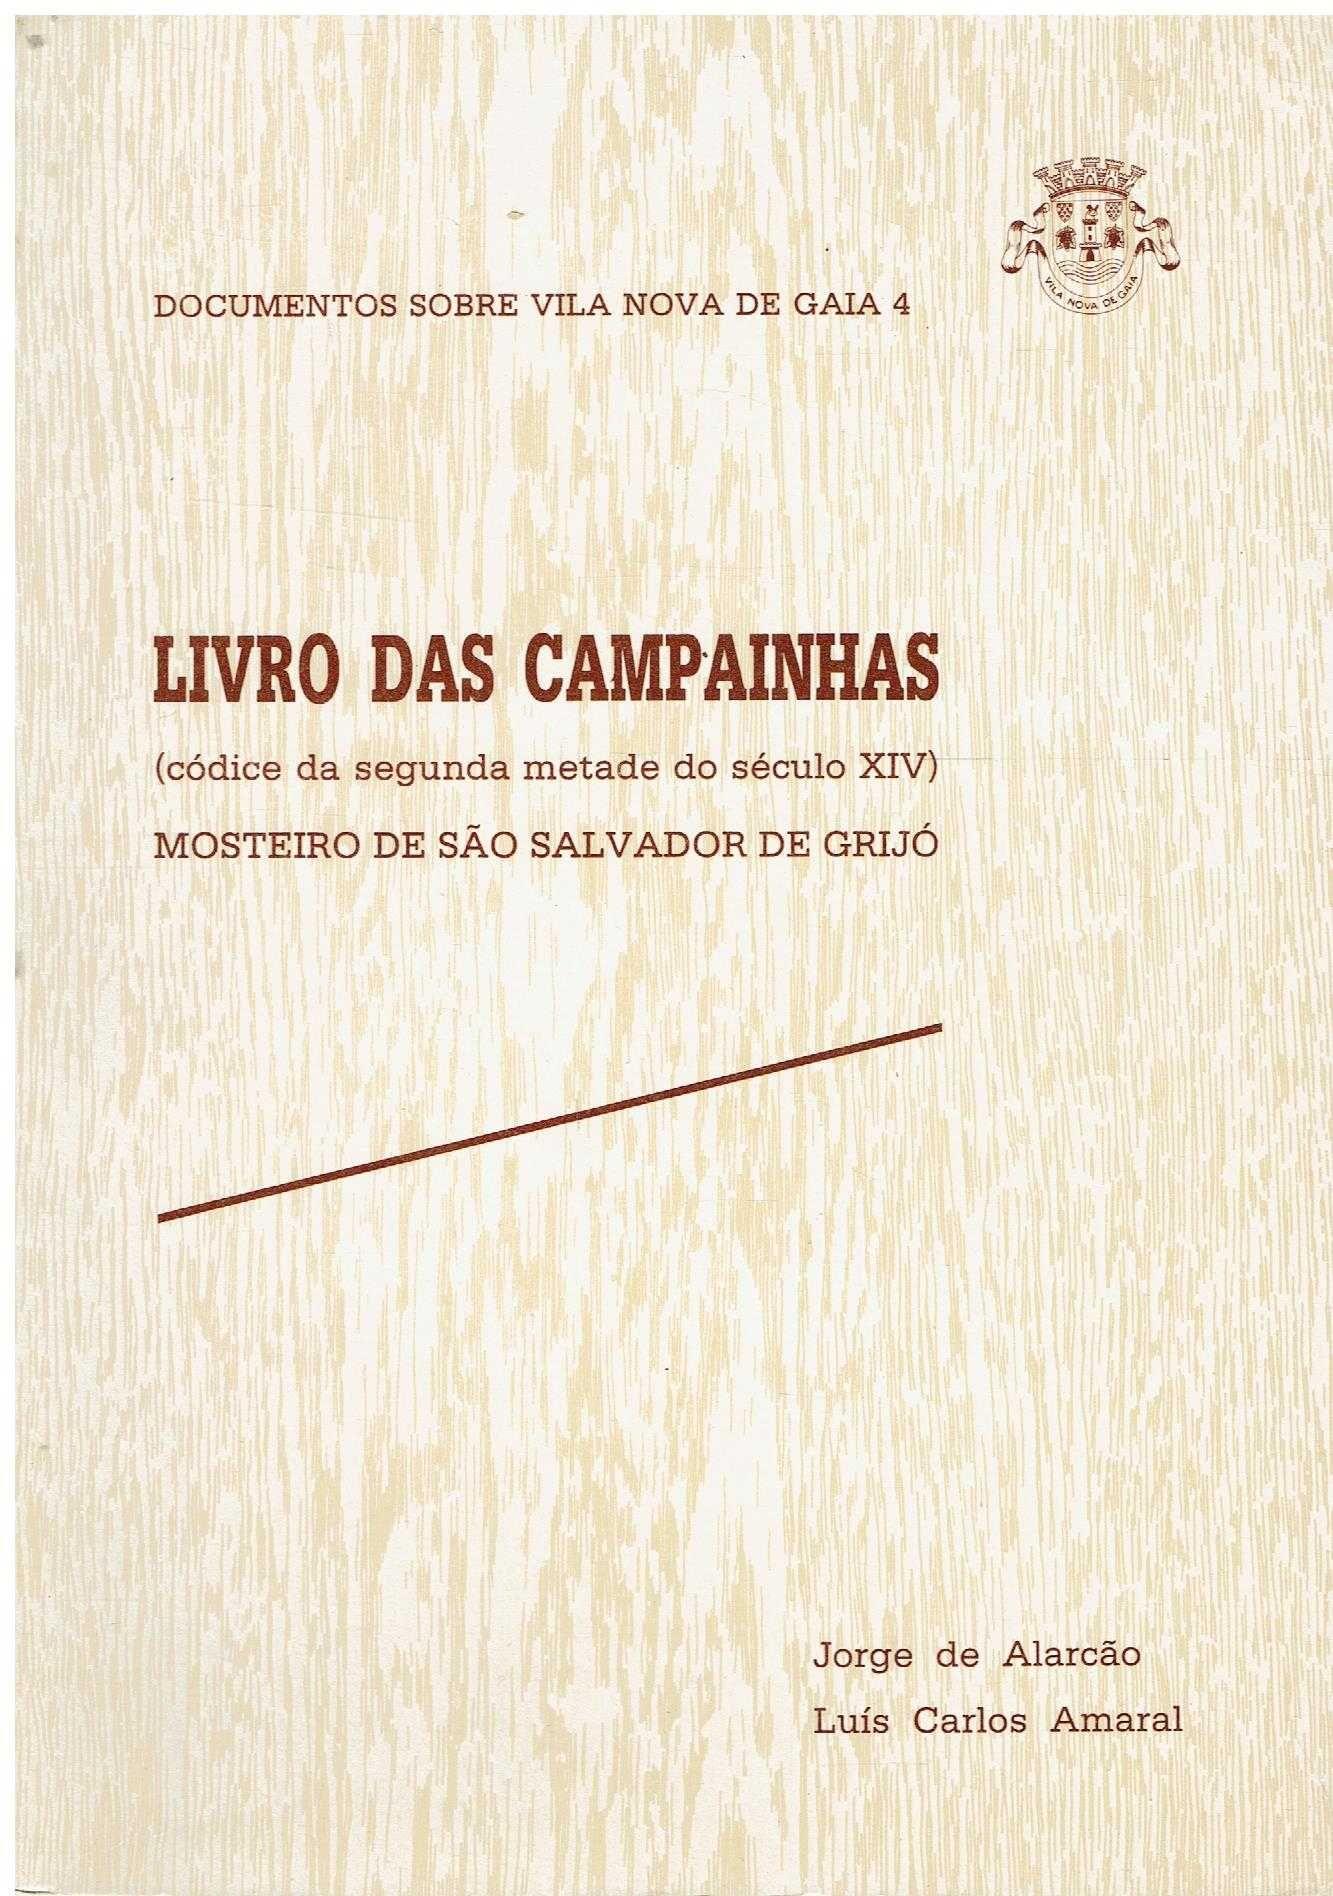 6723 - Livro das campaínhas/ Mosteiro de São Salvador de Grijó